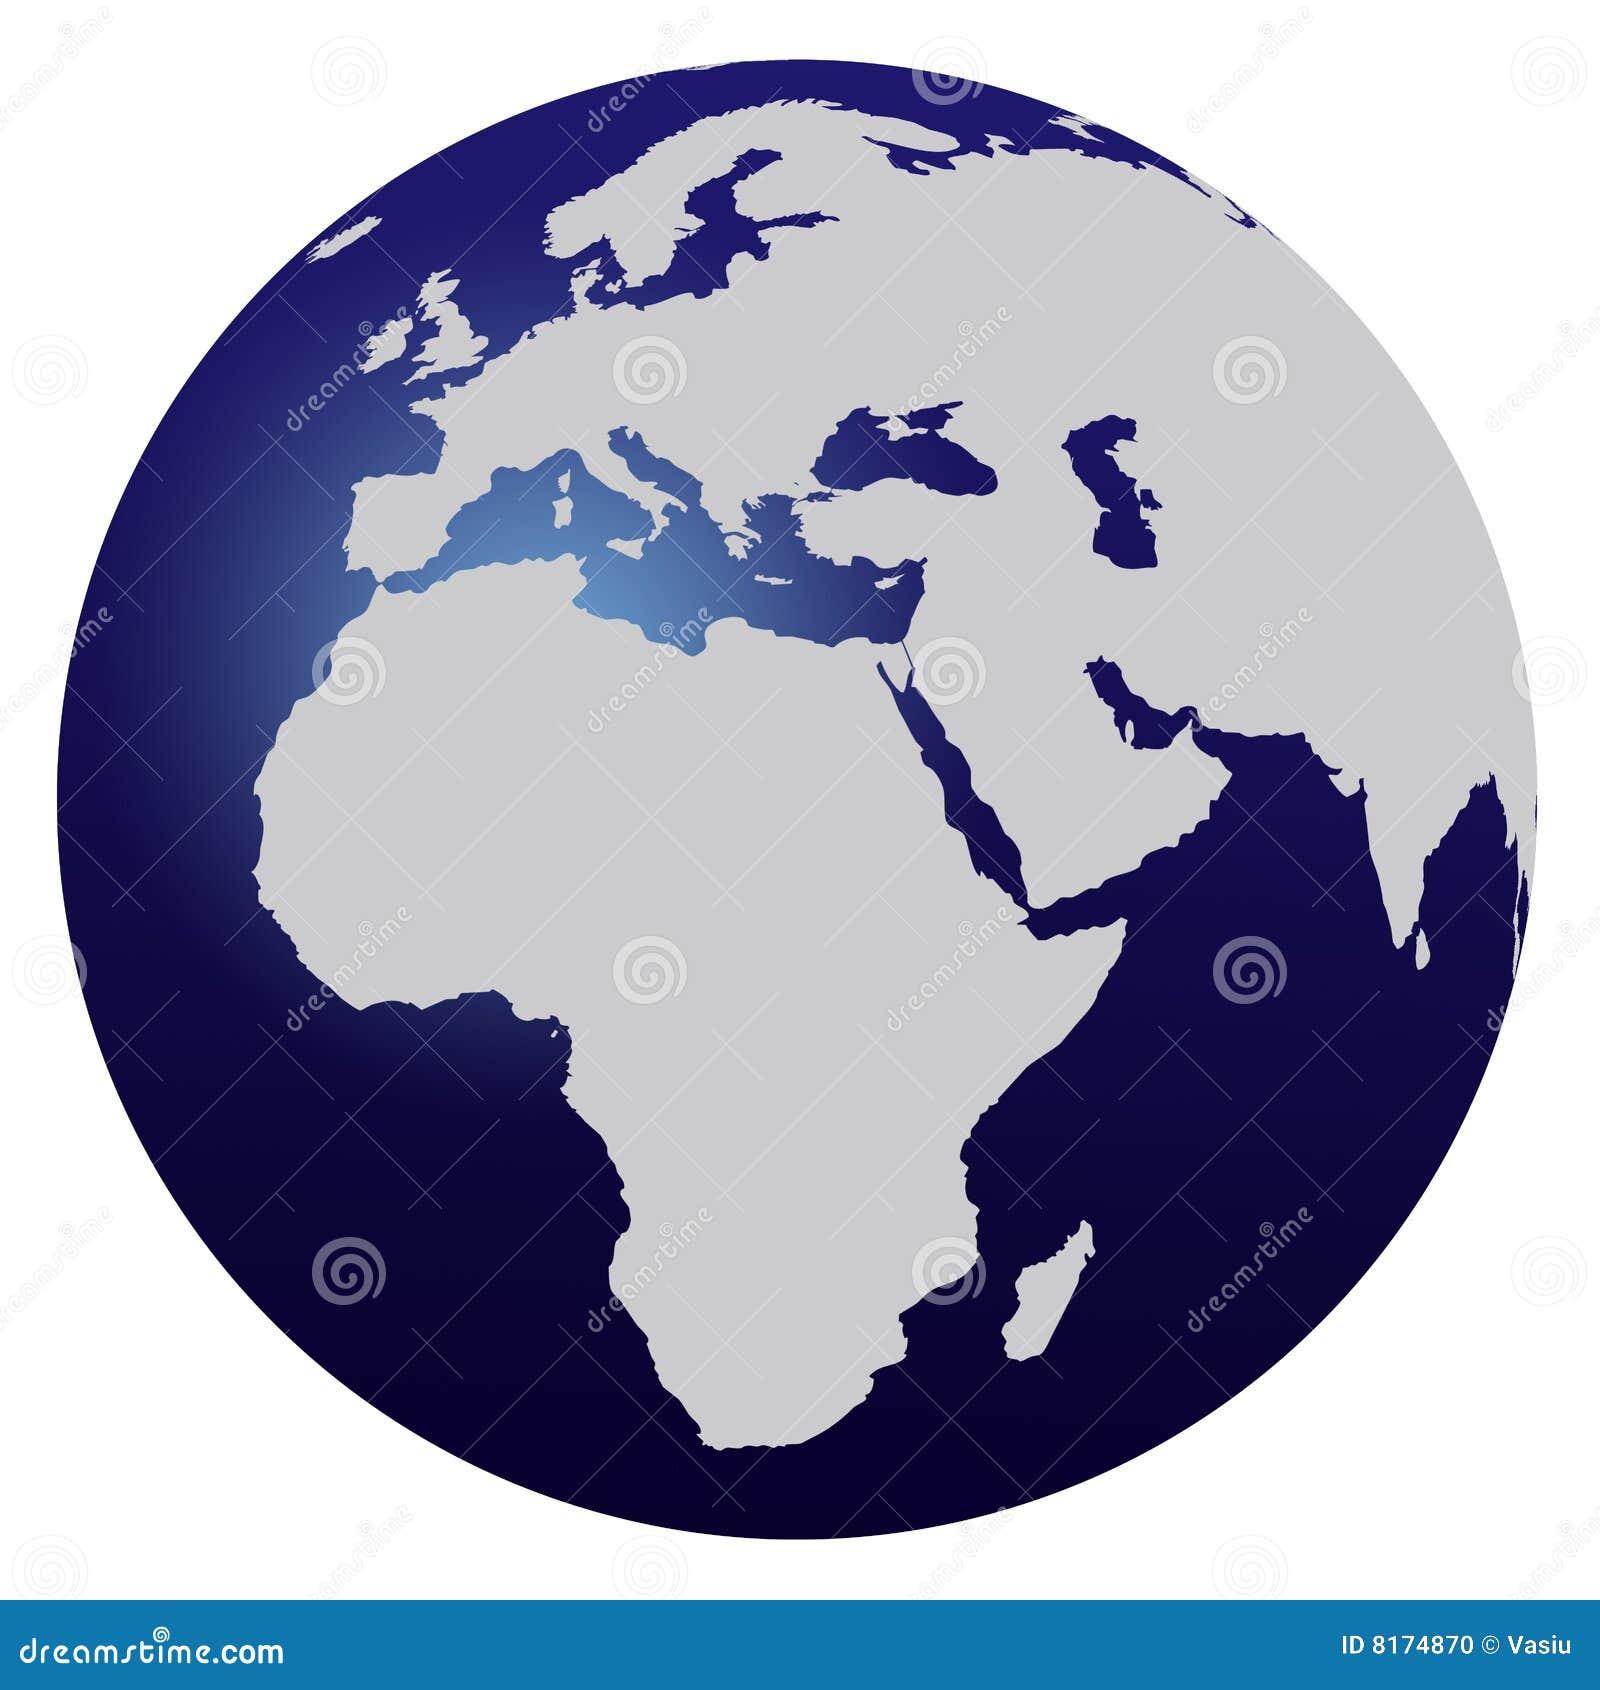 weltkarte rund Weltkarte stock abbildung. Illustration von rund, geschäft   8174870 weltkarte rund